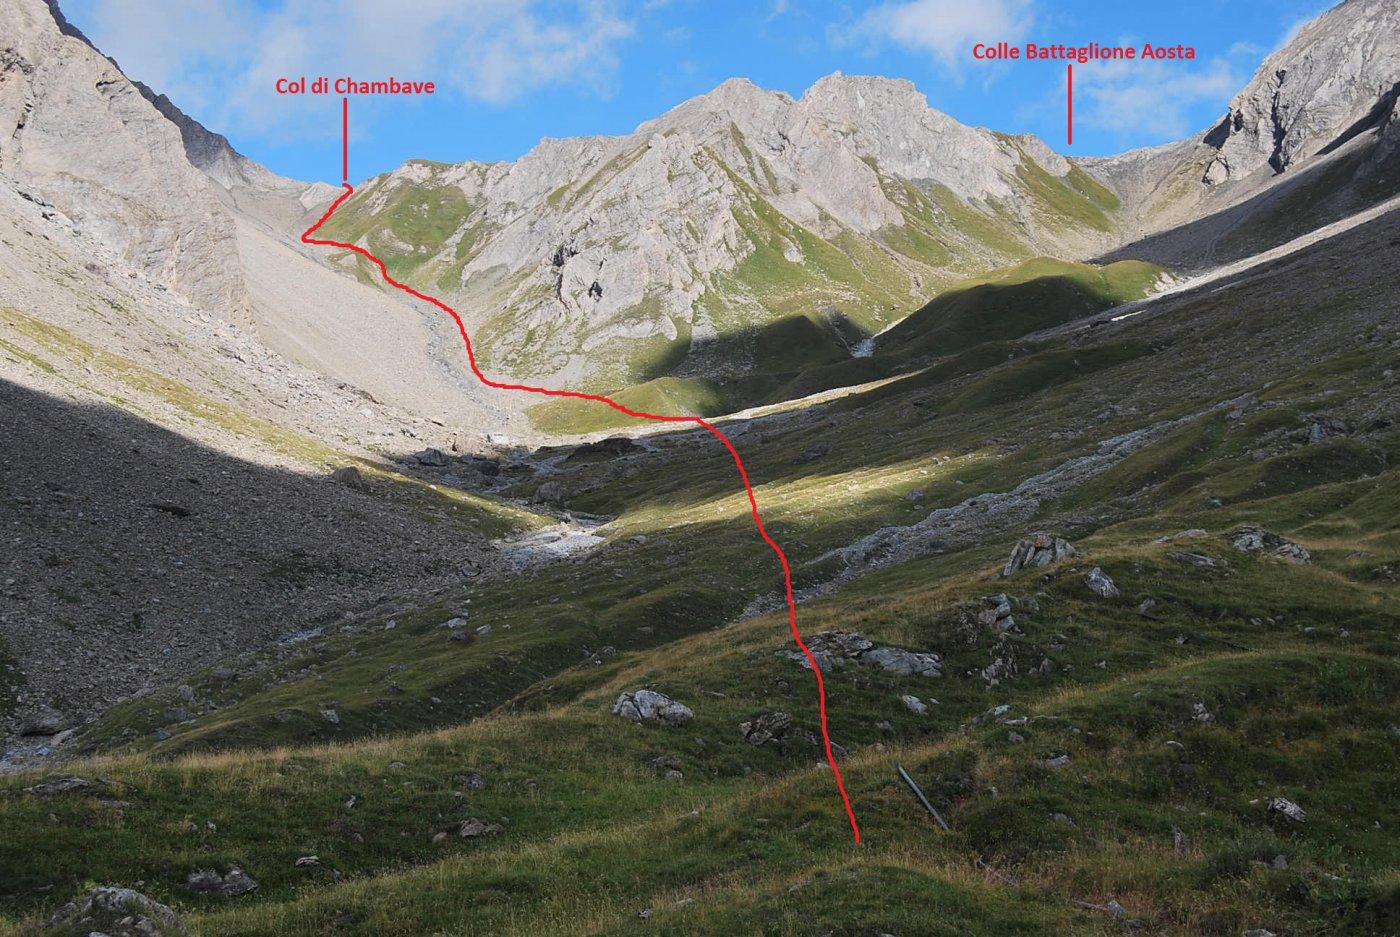 Visti dal promontorio sopra l'Alpe Gran Plan i due colli e il percorso di salita